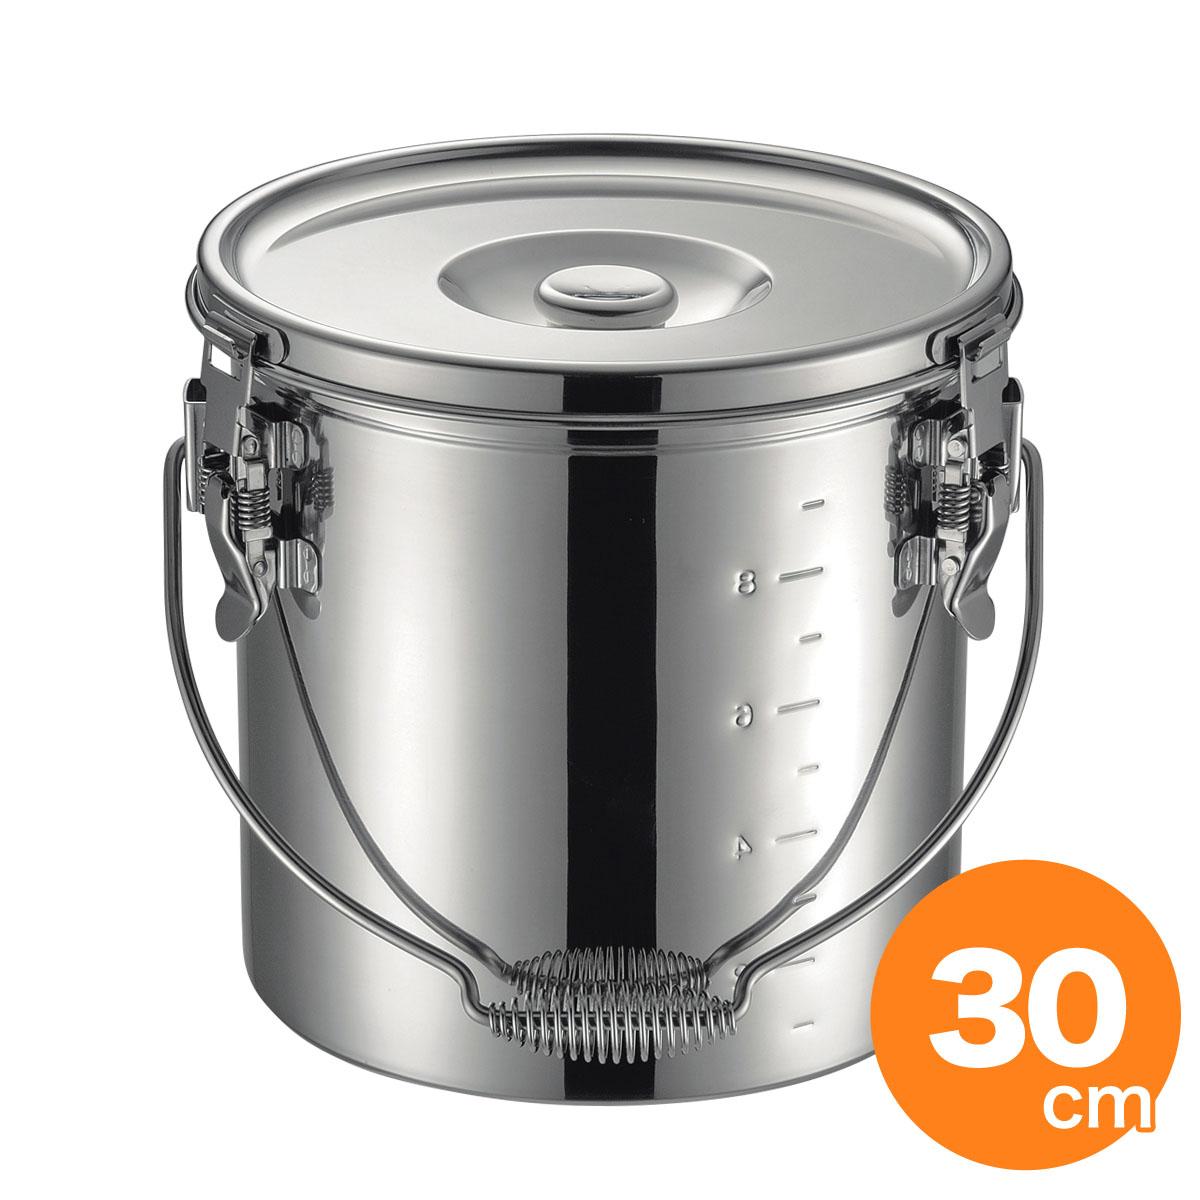 仔犬印 19-0 IH対応スタッキング給食缶 30cm 20.0L 保温 食缶